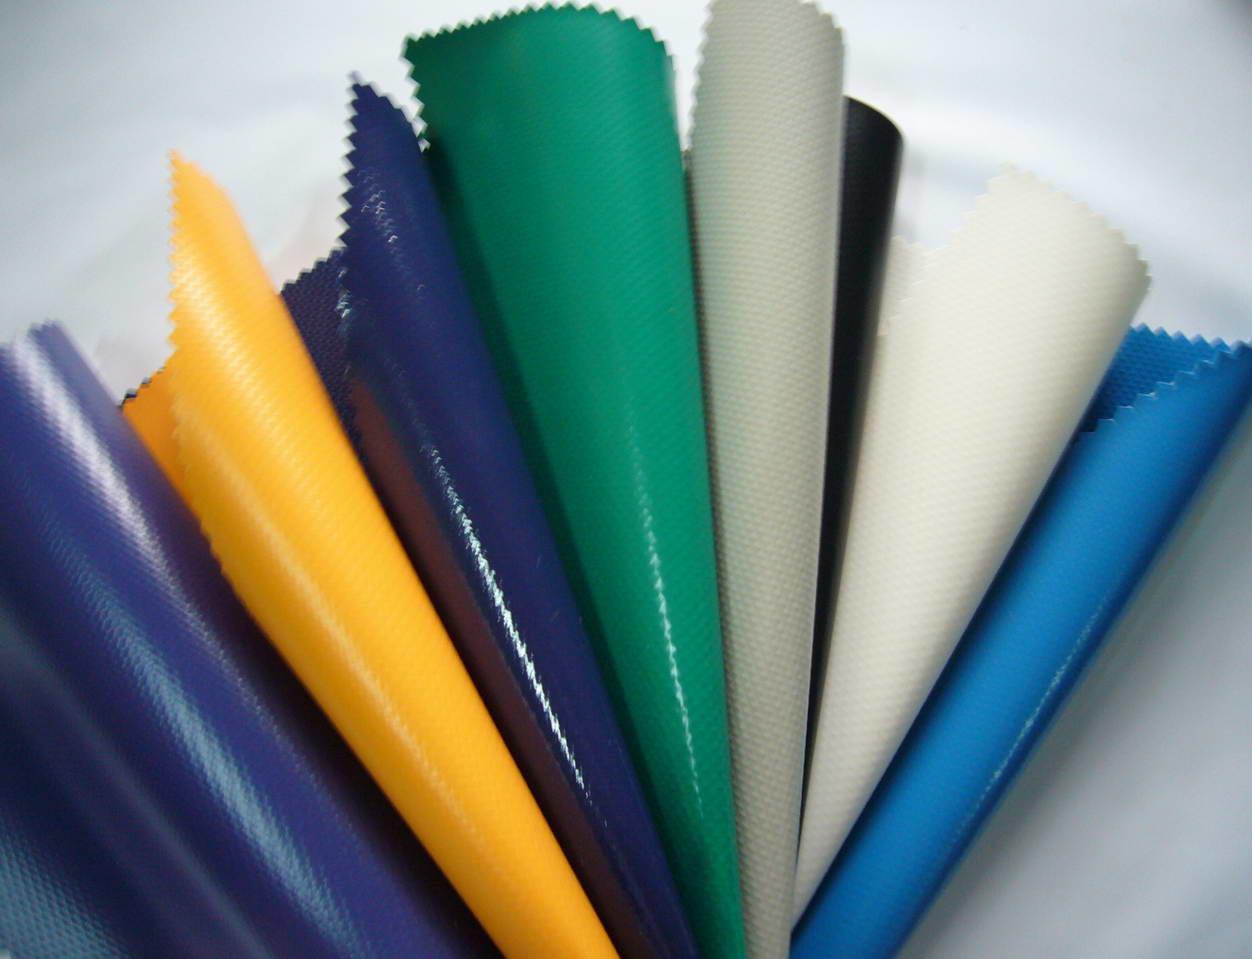 common synthetic plastics